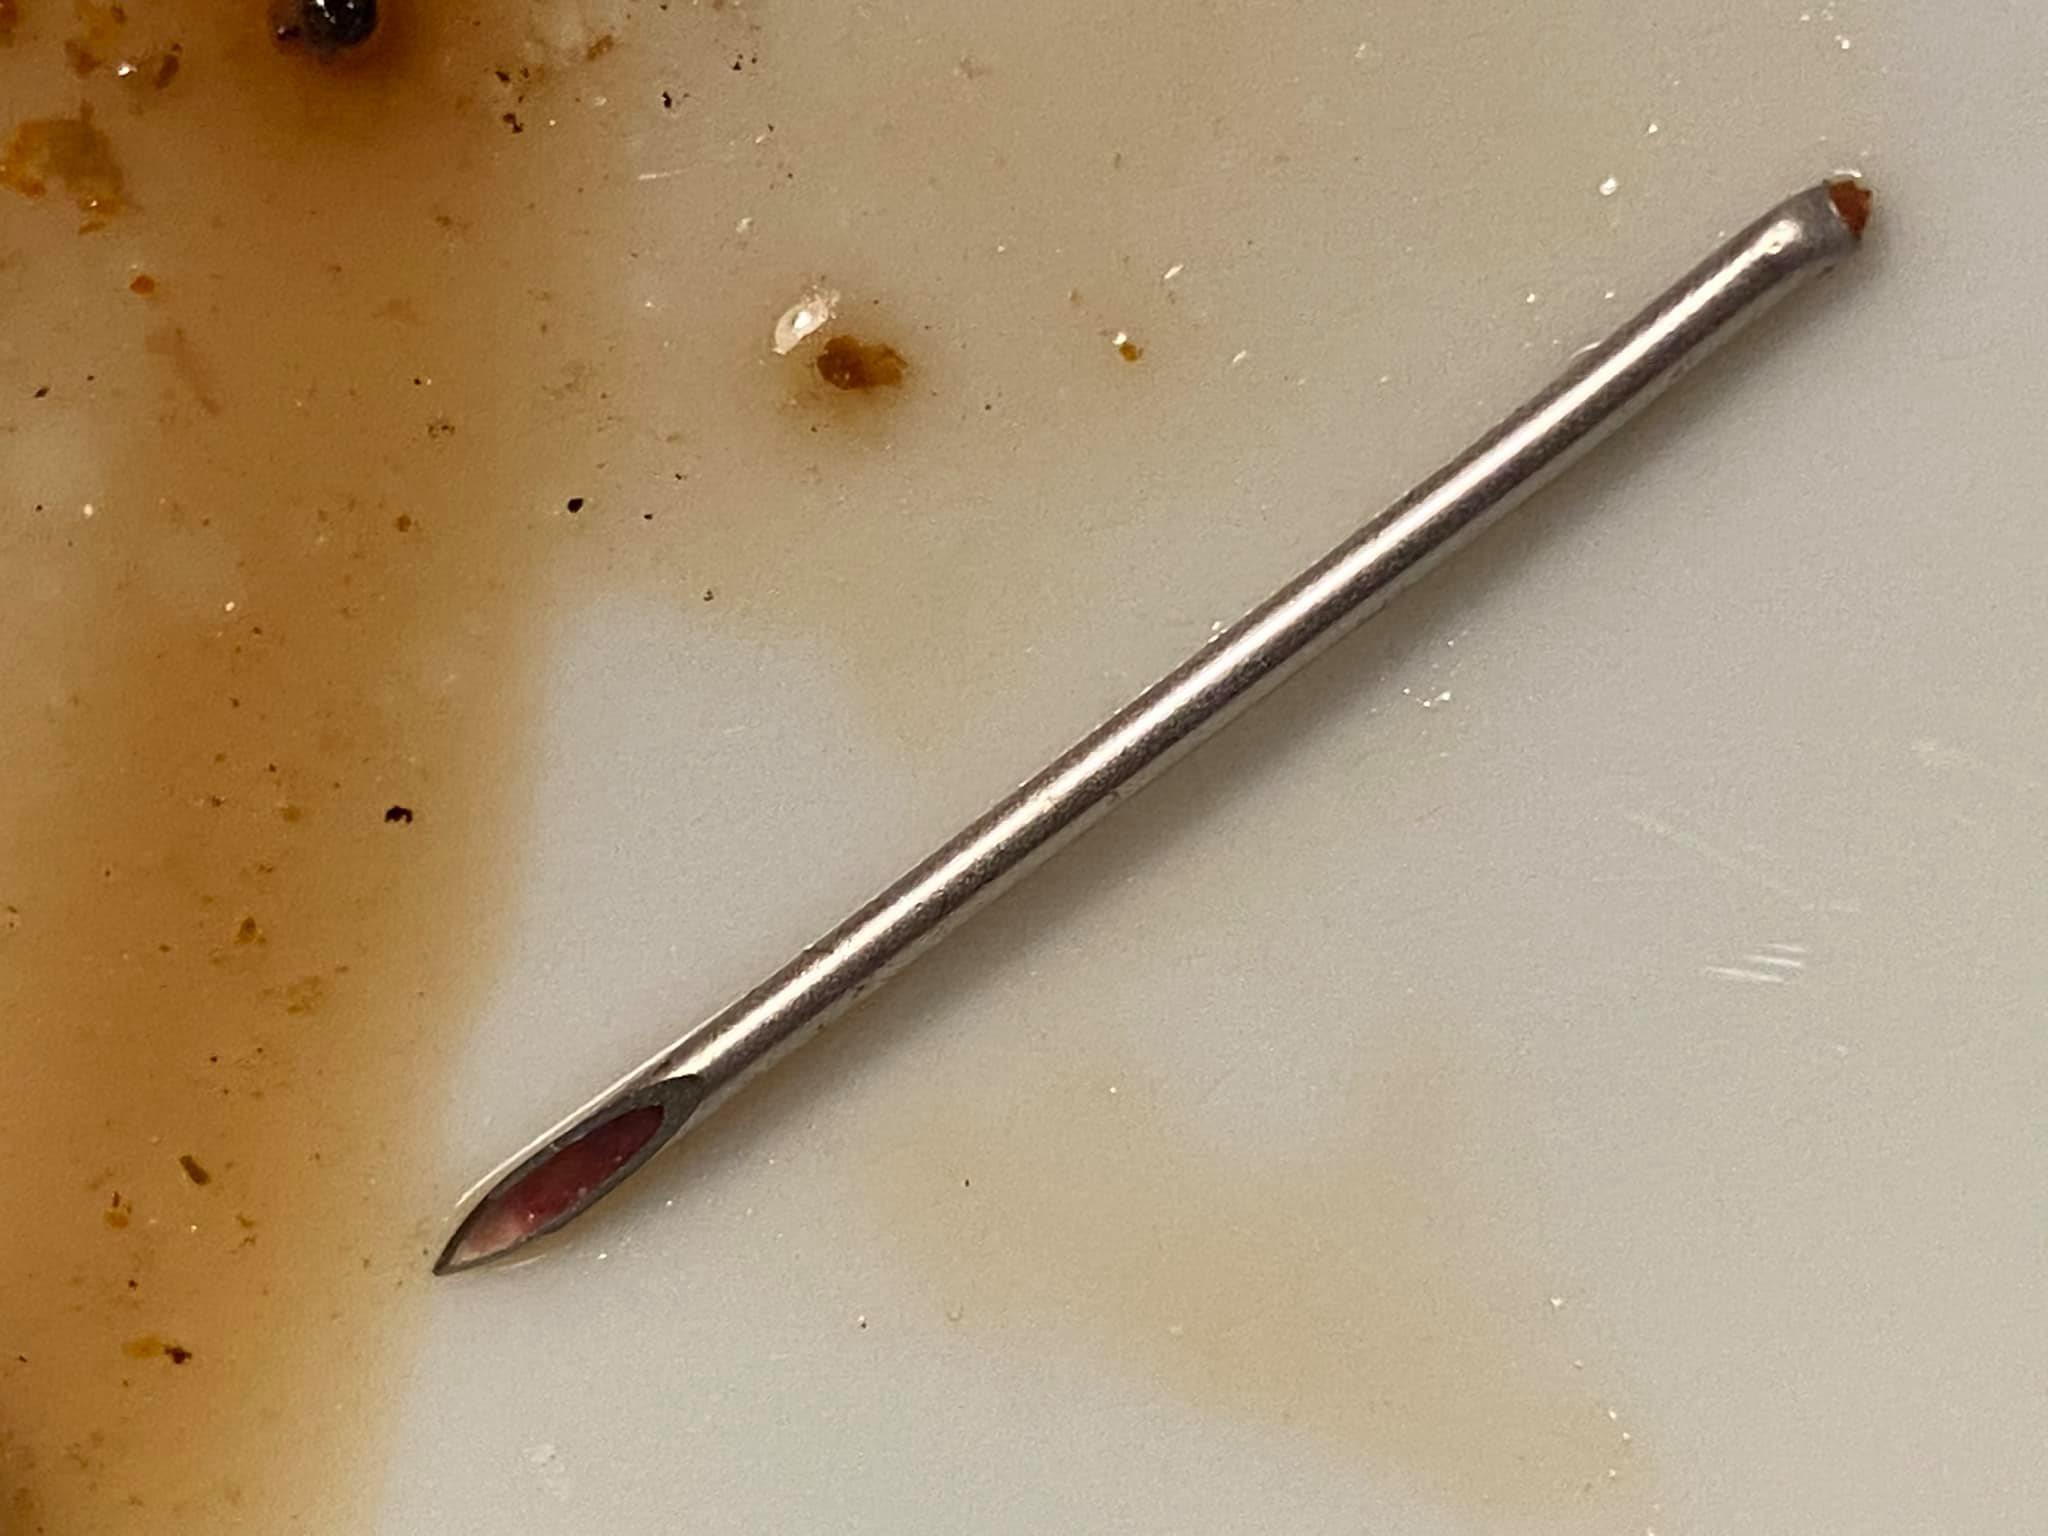 Какво месо ни продават? Дете откри 4-сантиметрова игла в пържолата си (СНИМКИ)